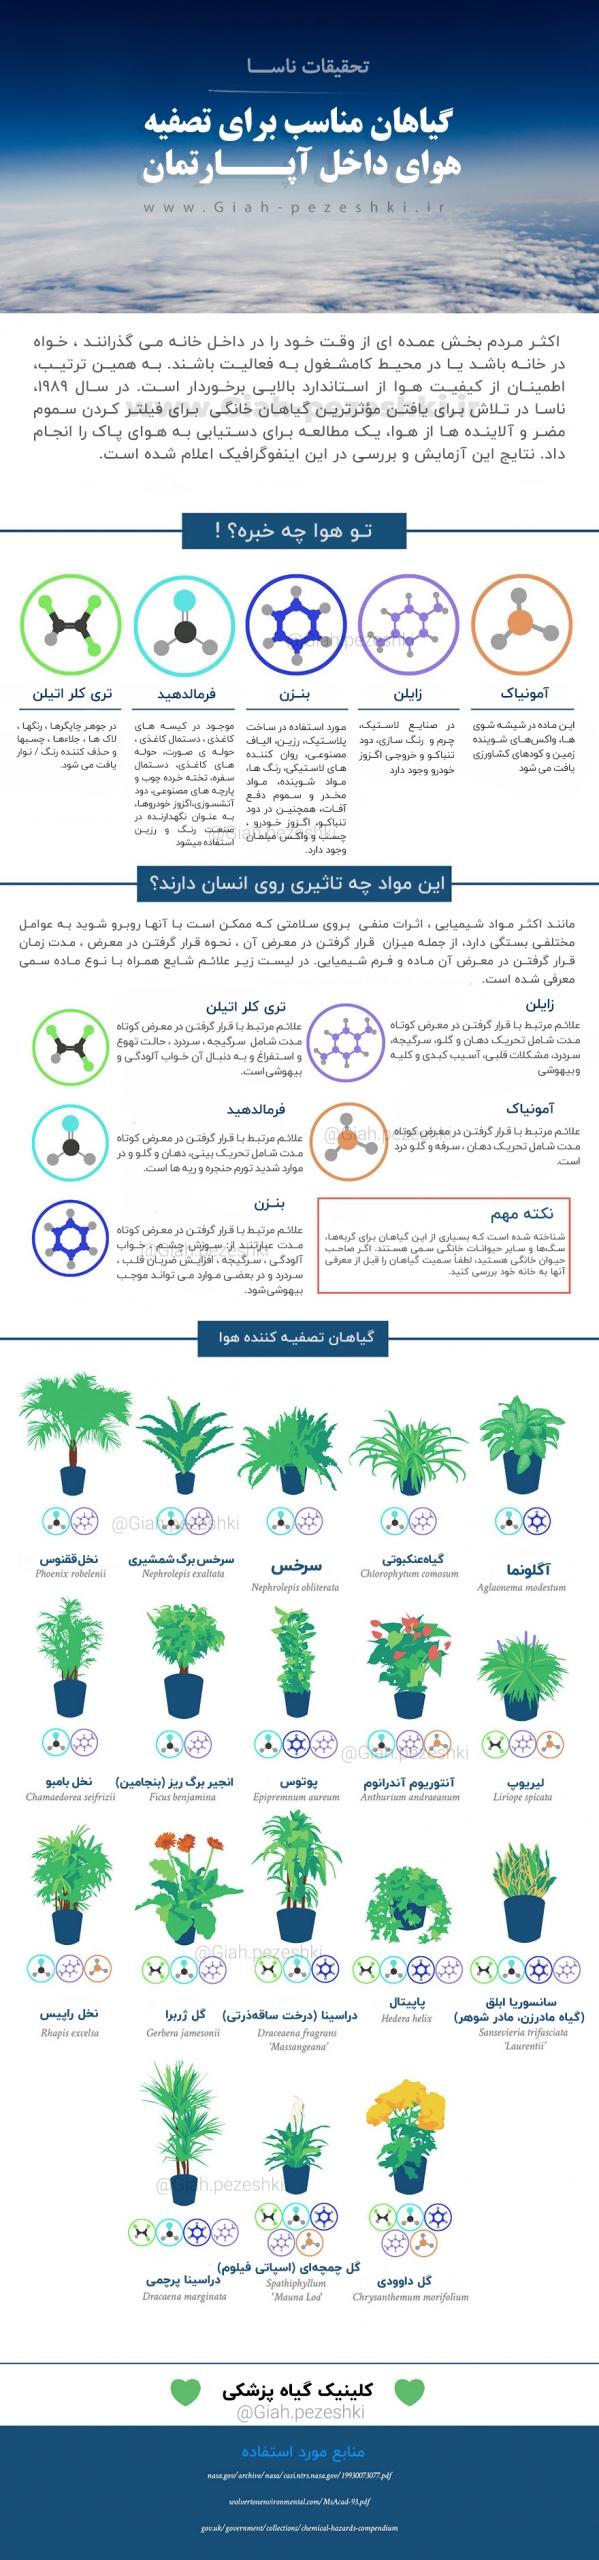 گیاهان تصفیه کننده هوا، گیاهان آپارتمانی